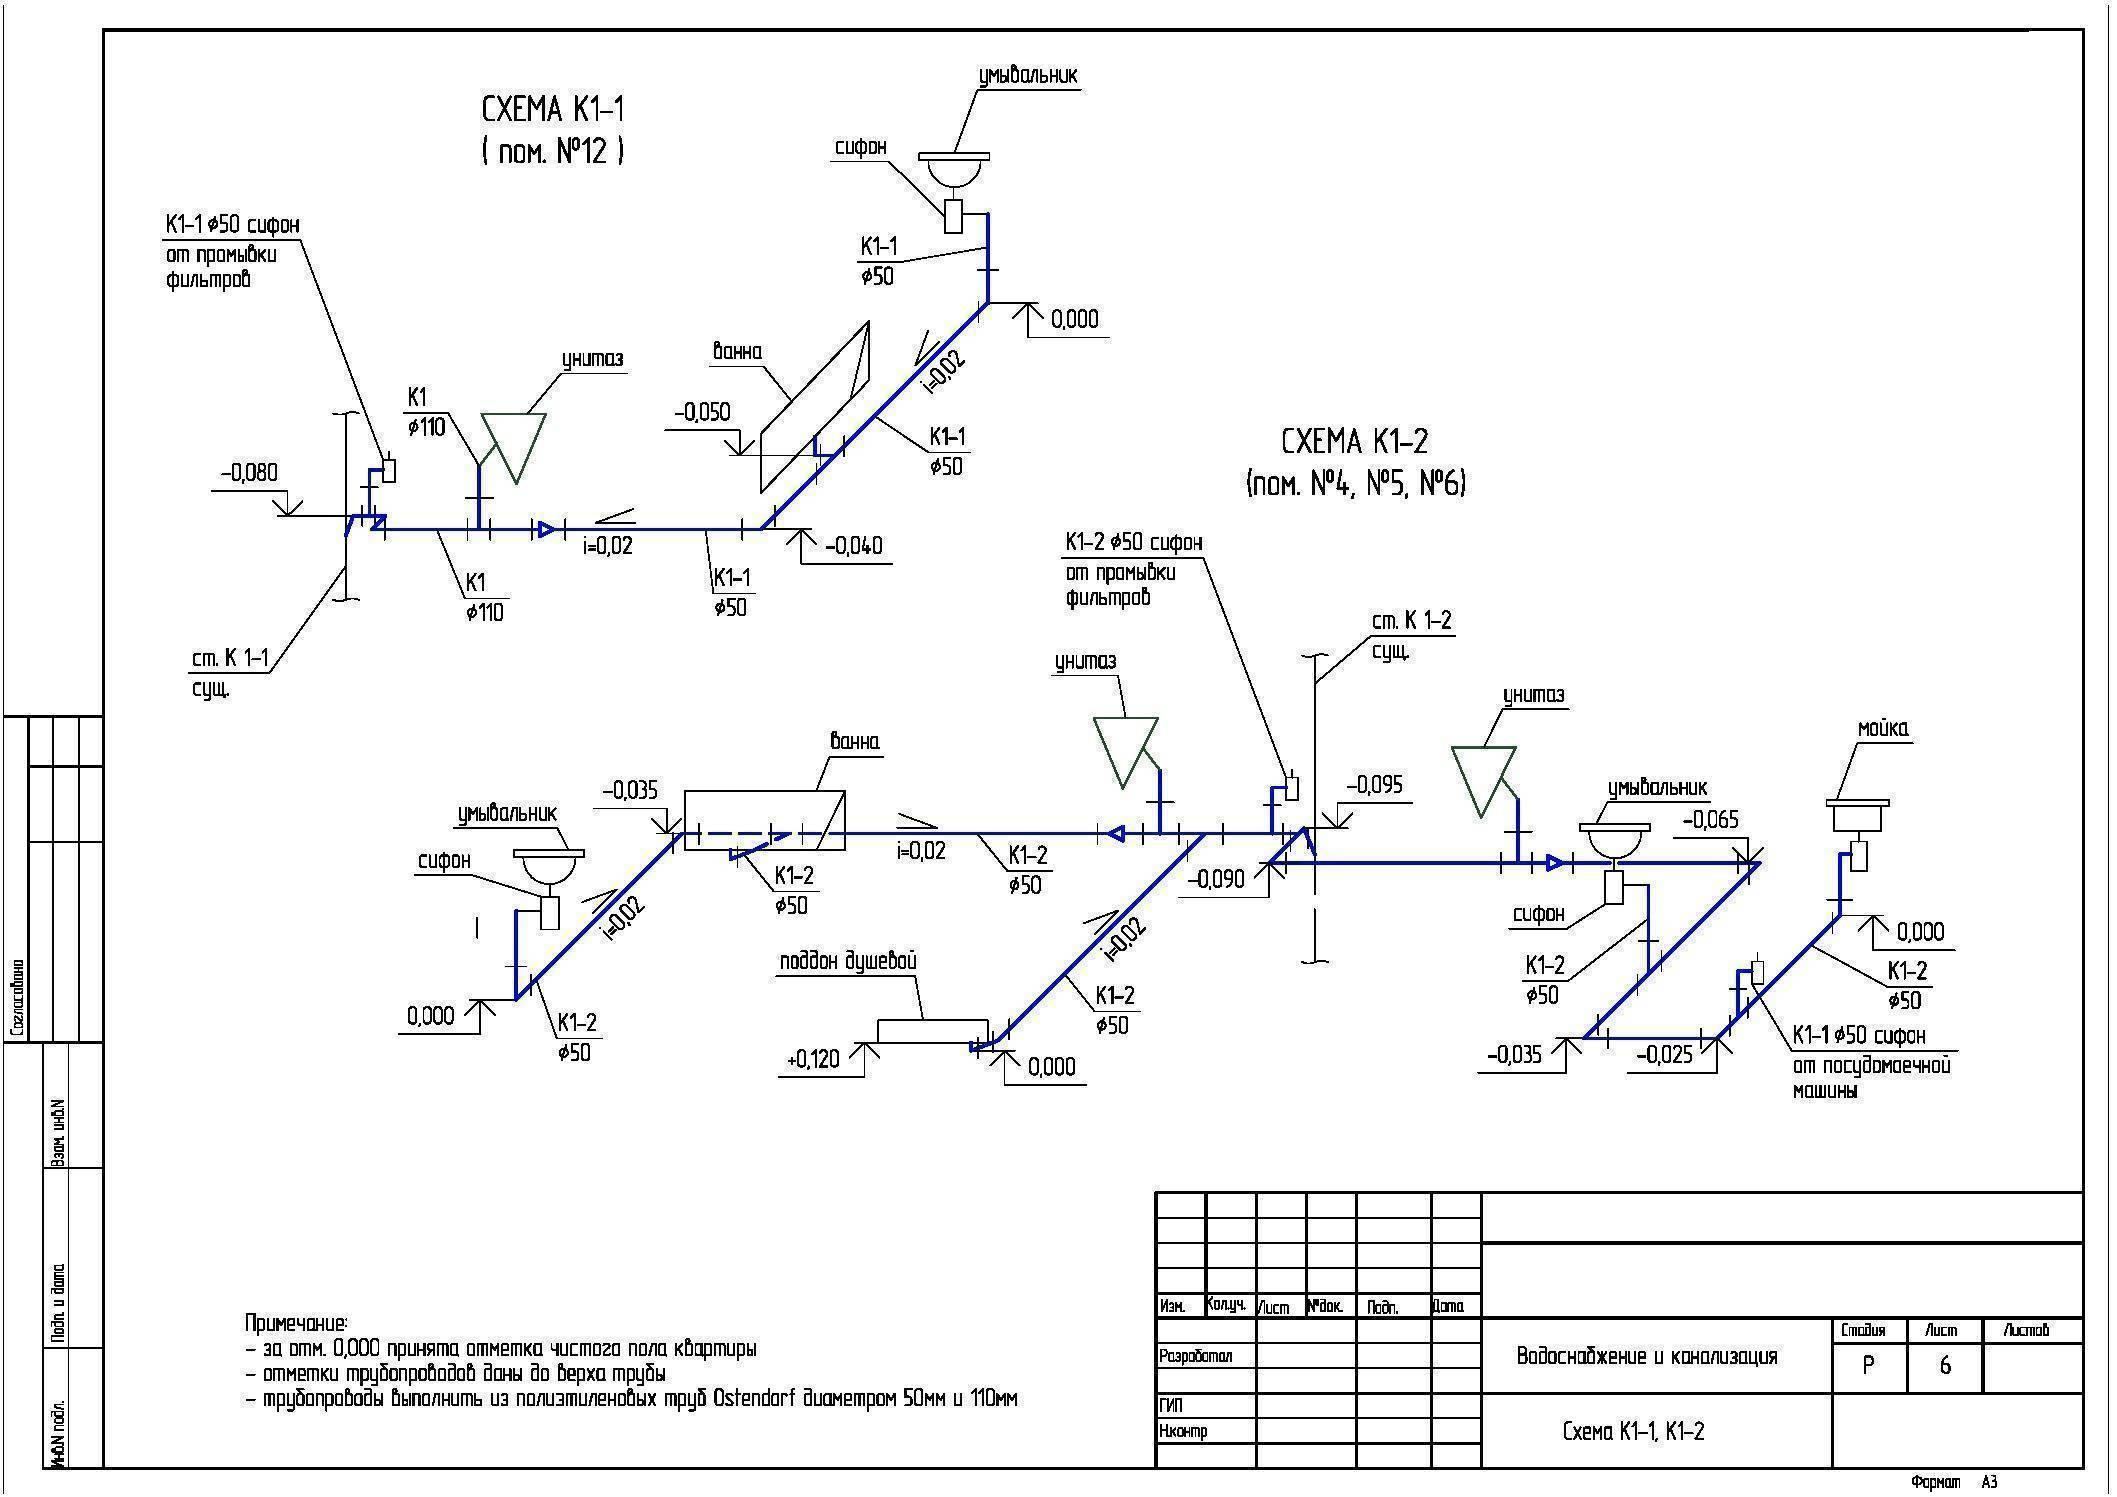 Наружные сети ливневой канализации снип. проектирование ливневой канализации: снип, норма